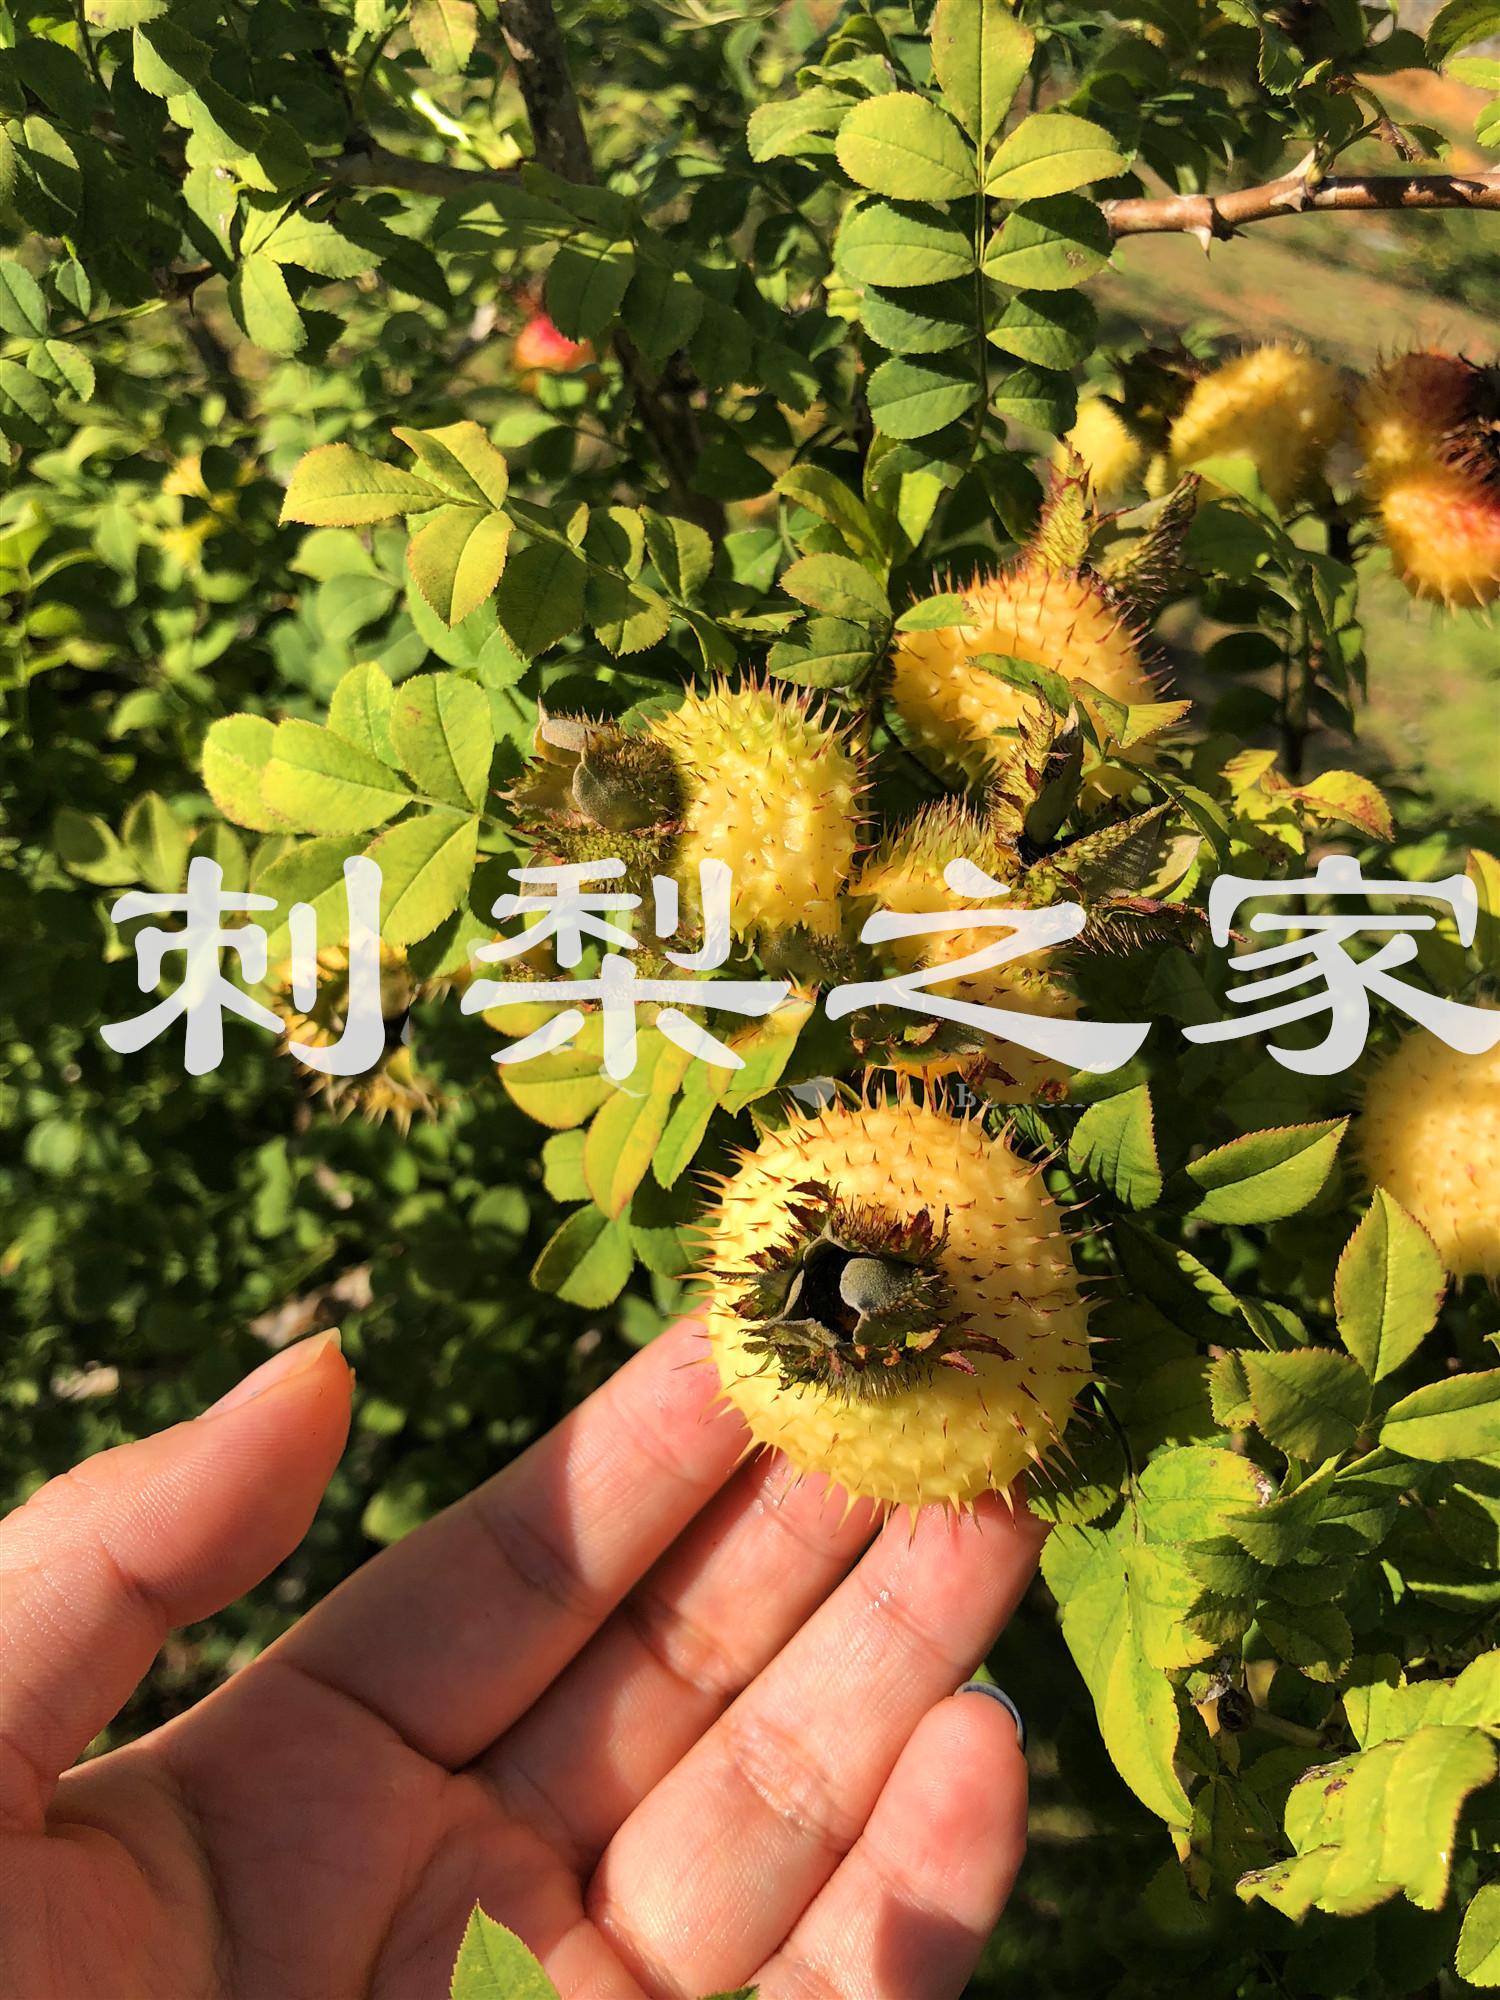 刺梨汁萃取工艺详细说明